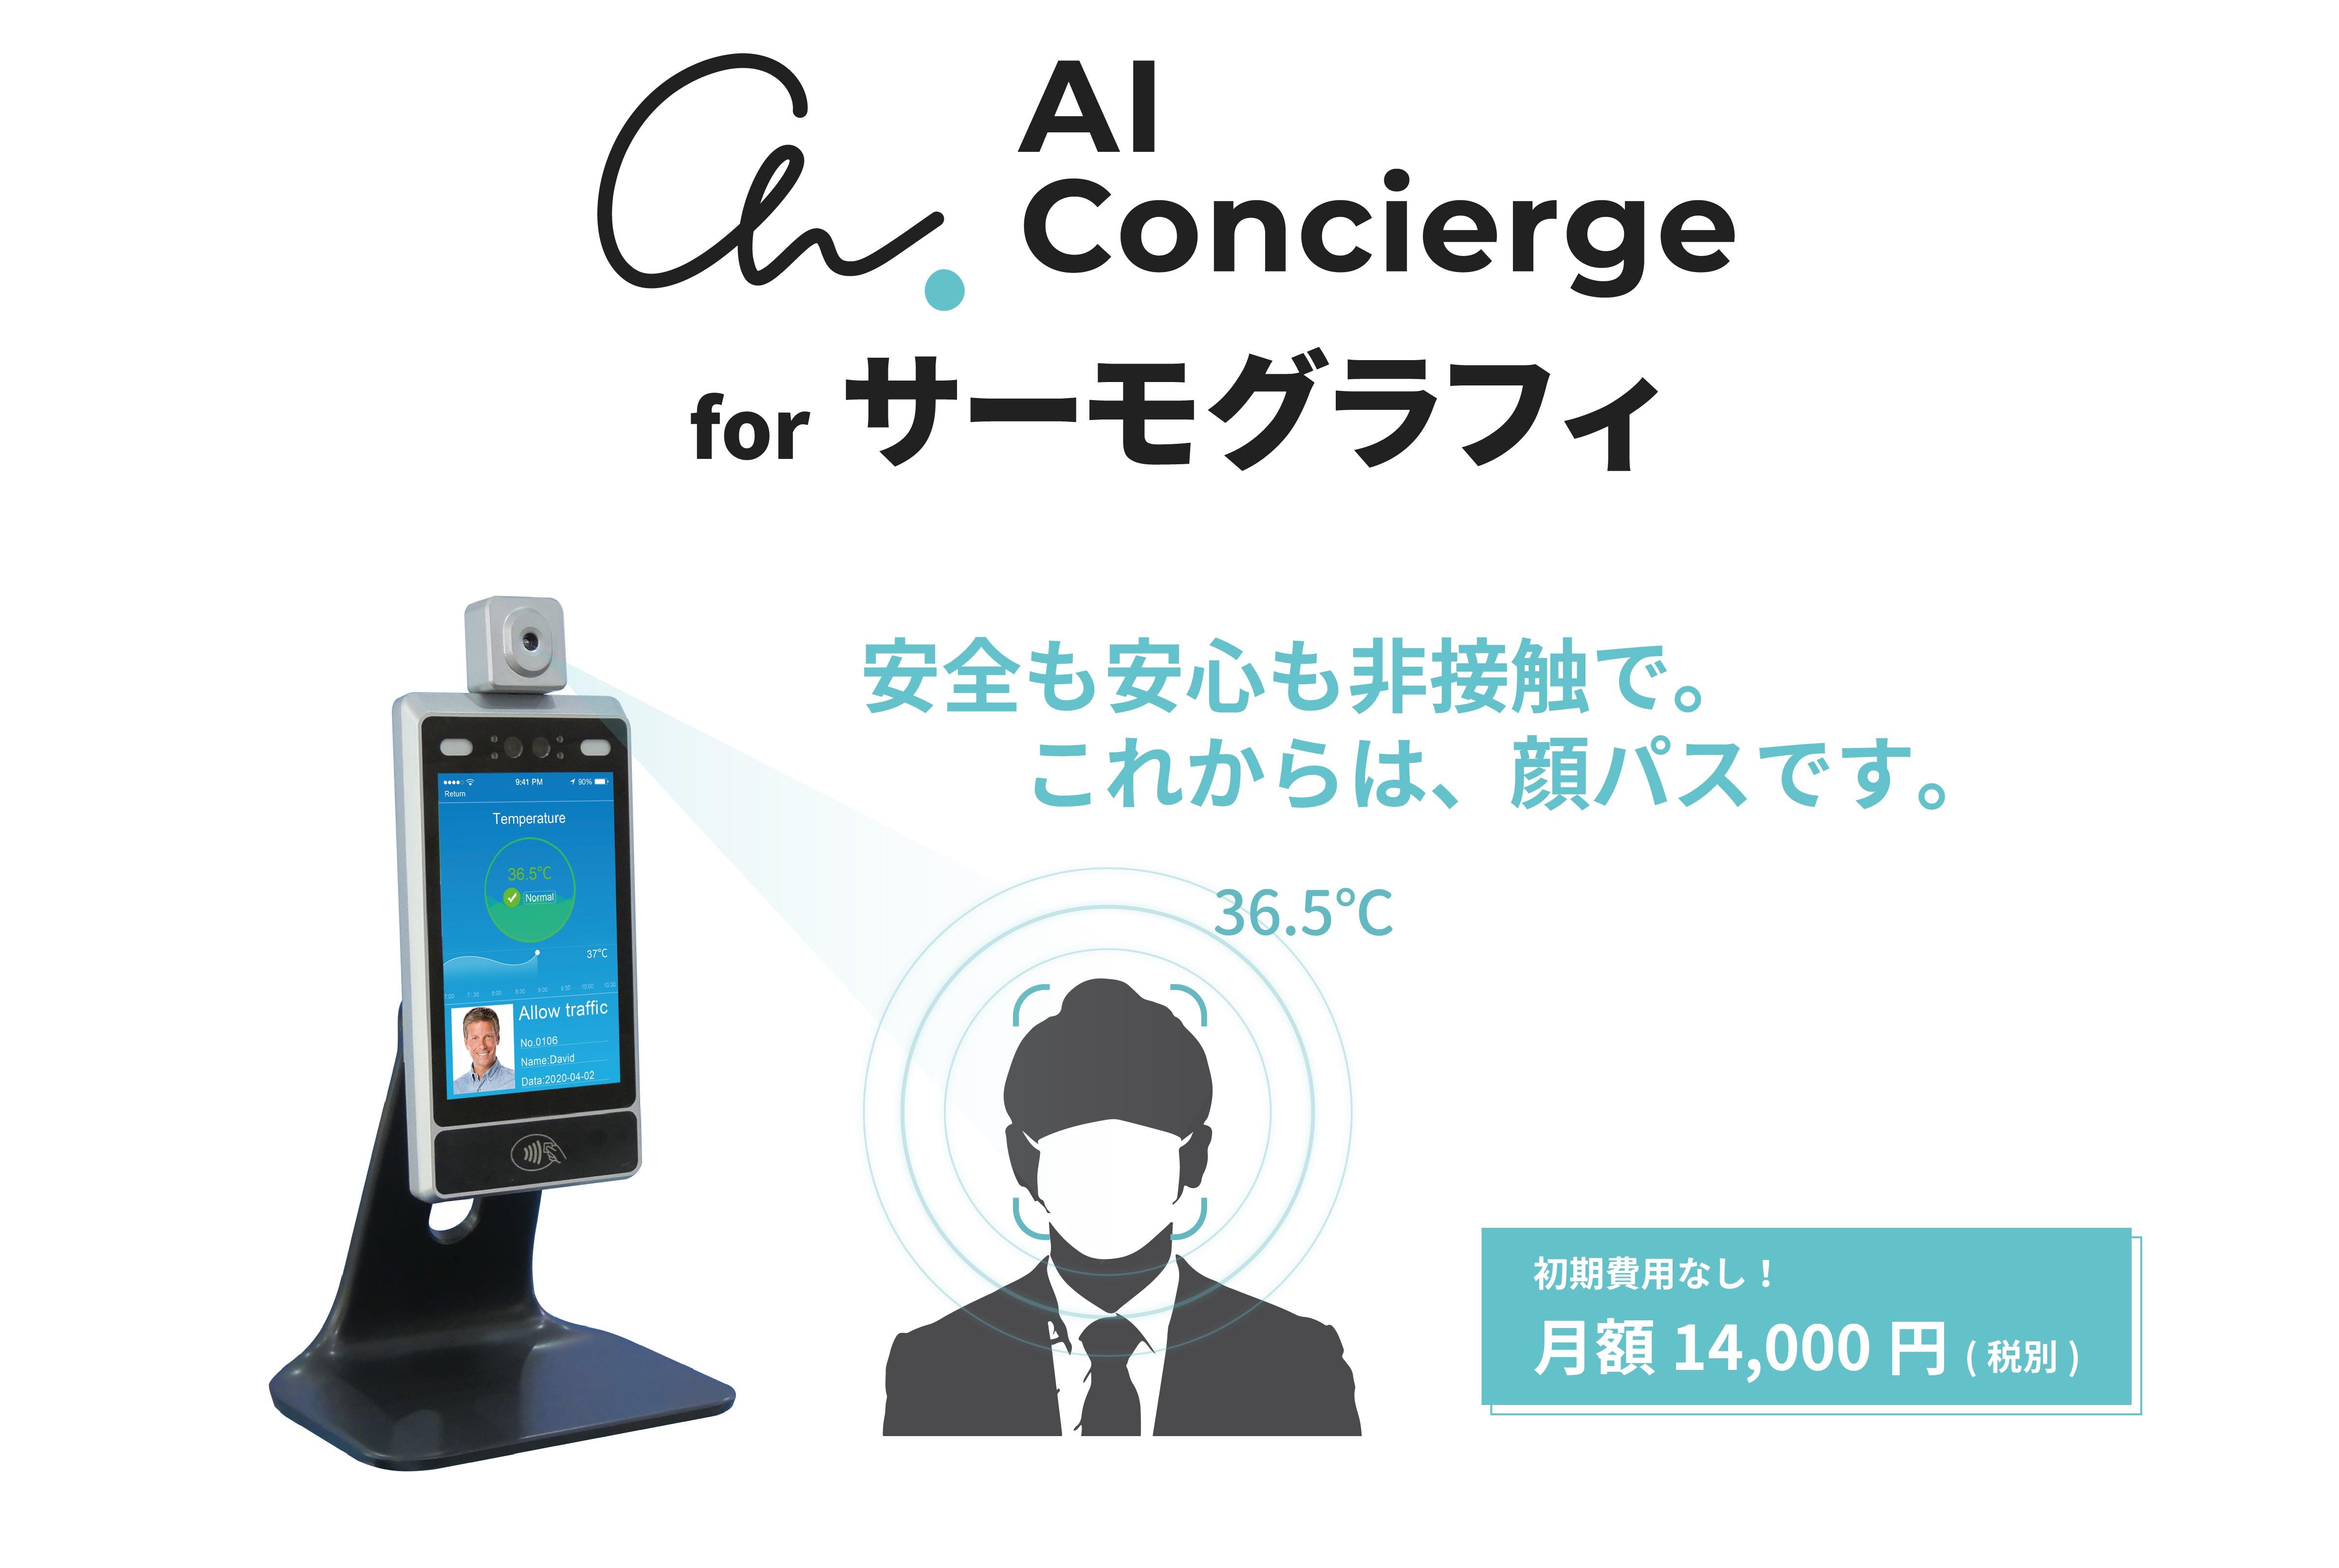 AIコンシェルジュ for サーモグラフィー